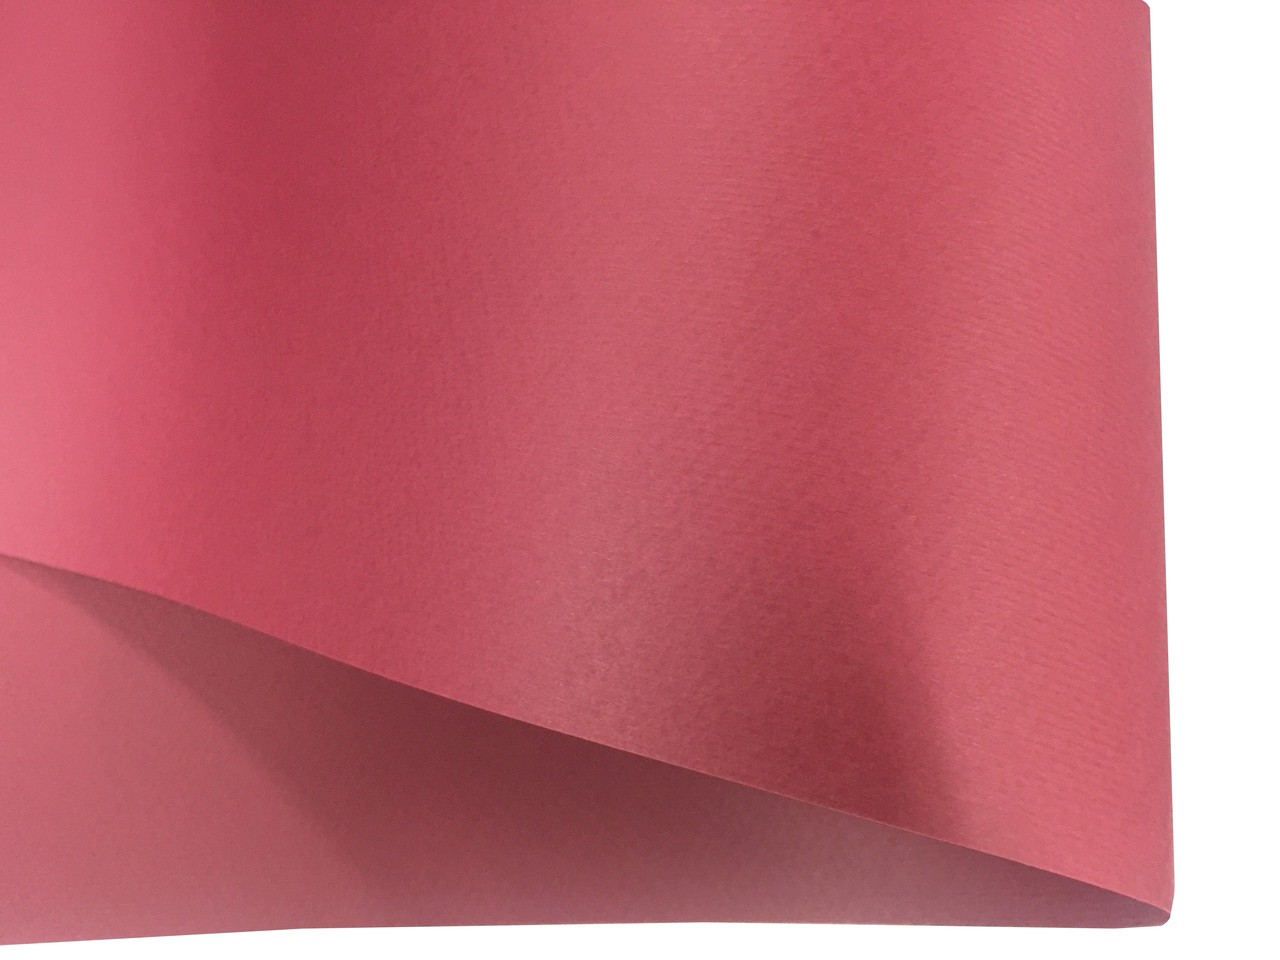 Дизайнерский картон Bordeaux, бордовый с тиснением волны, 260 гр/м2